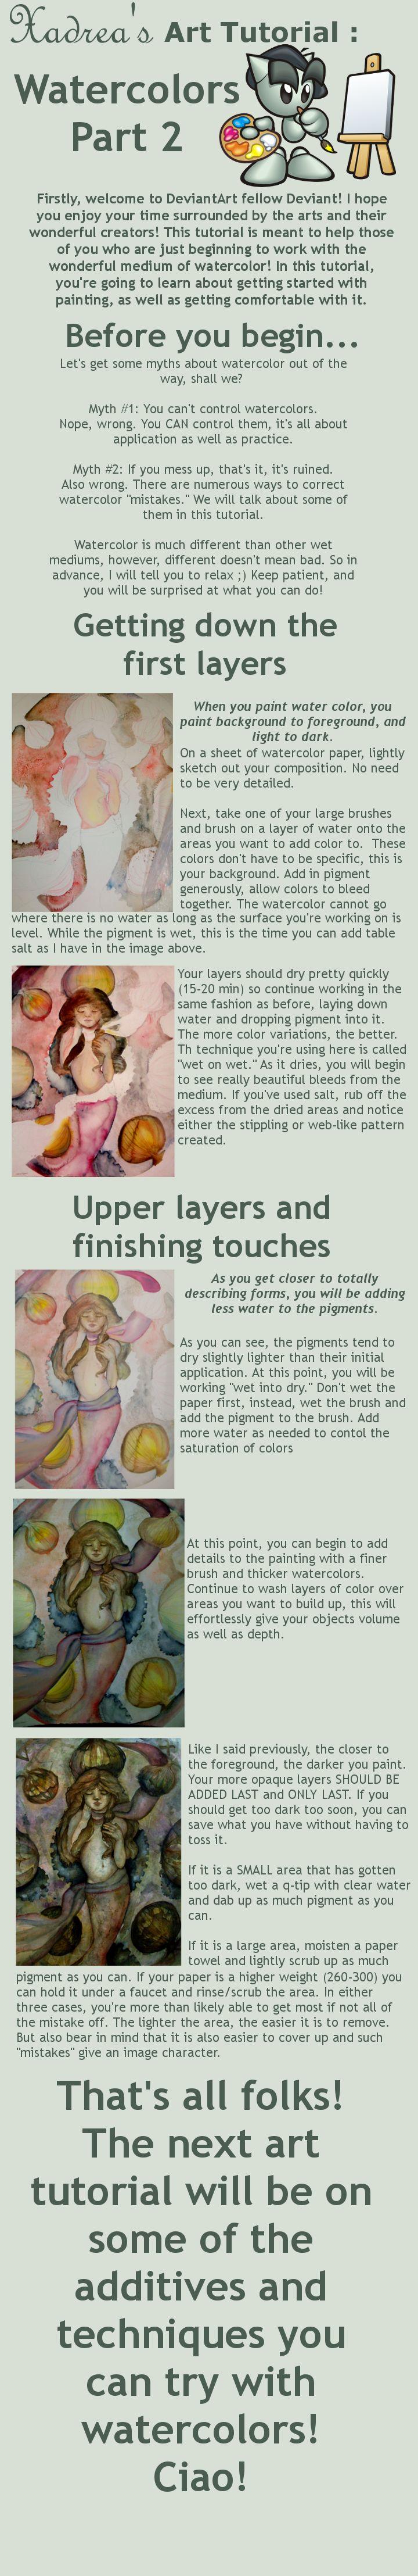 Art Tutorial: Watercolors Prt2 by =Xadrea on deviantART